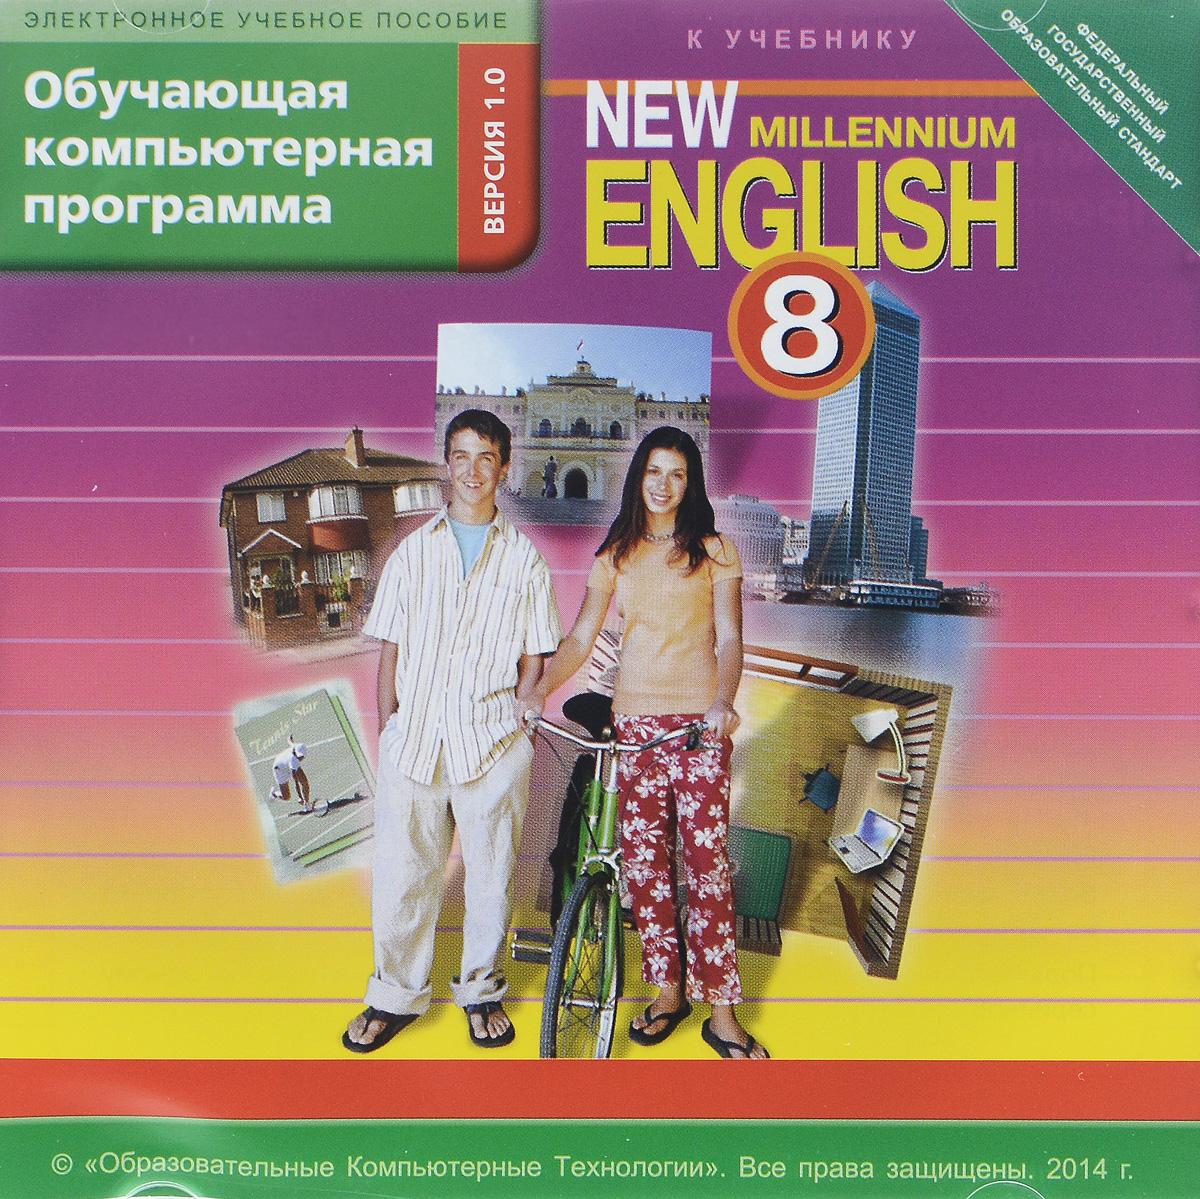 New Millennium English 8 / Английский язык нового тысячелетия. 8 класс. Обучающая компьютерная программа